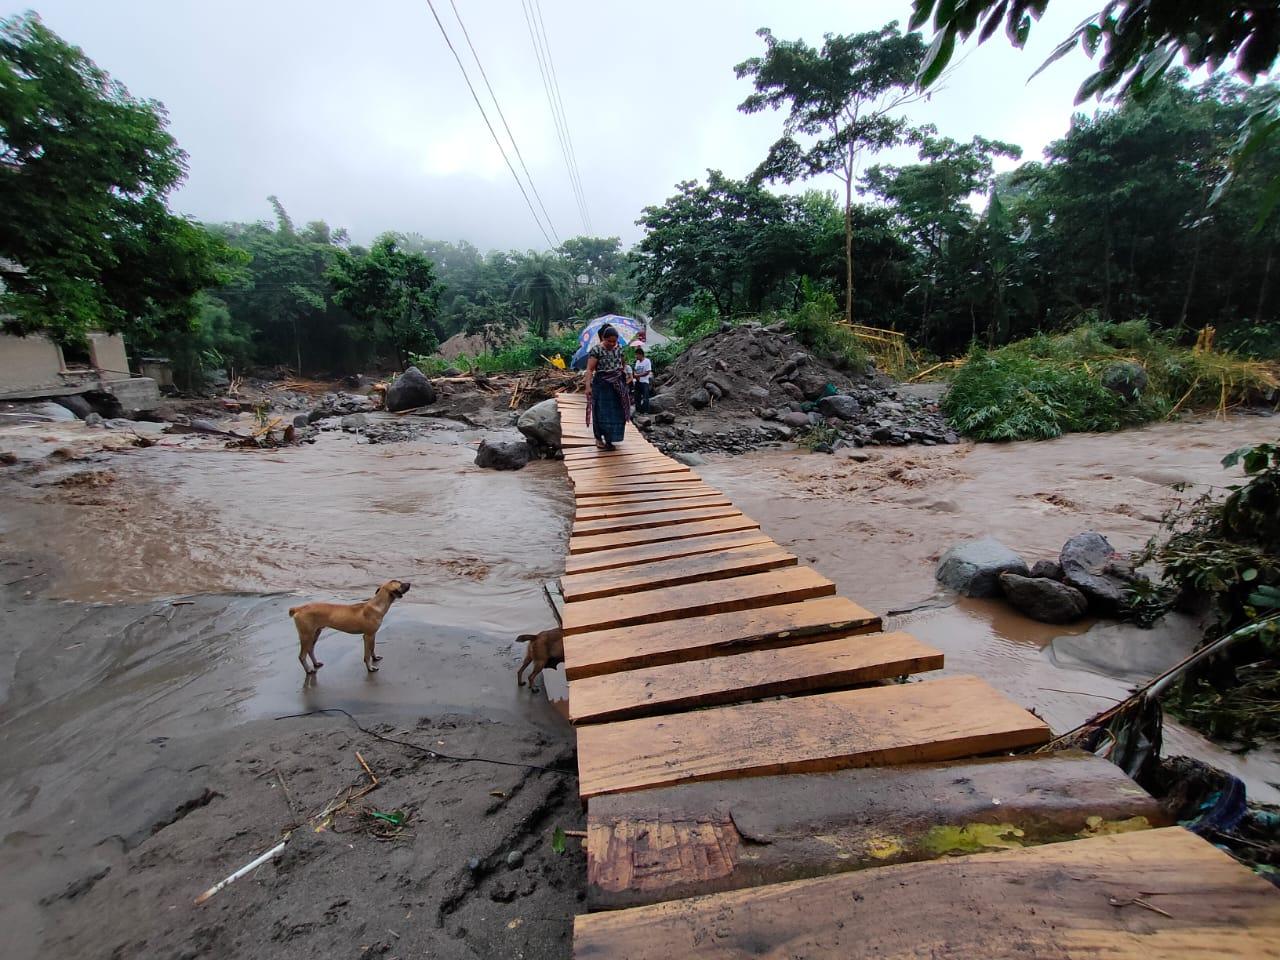 Lluvias causan estragos en Sololá y Alta Verapaz durante el fin de semana imagen